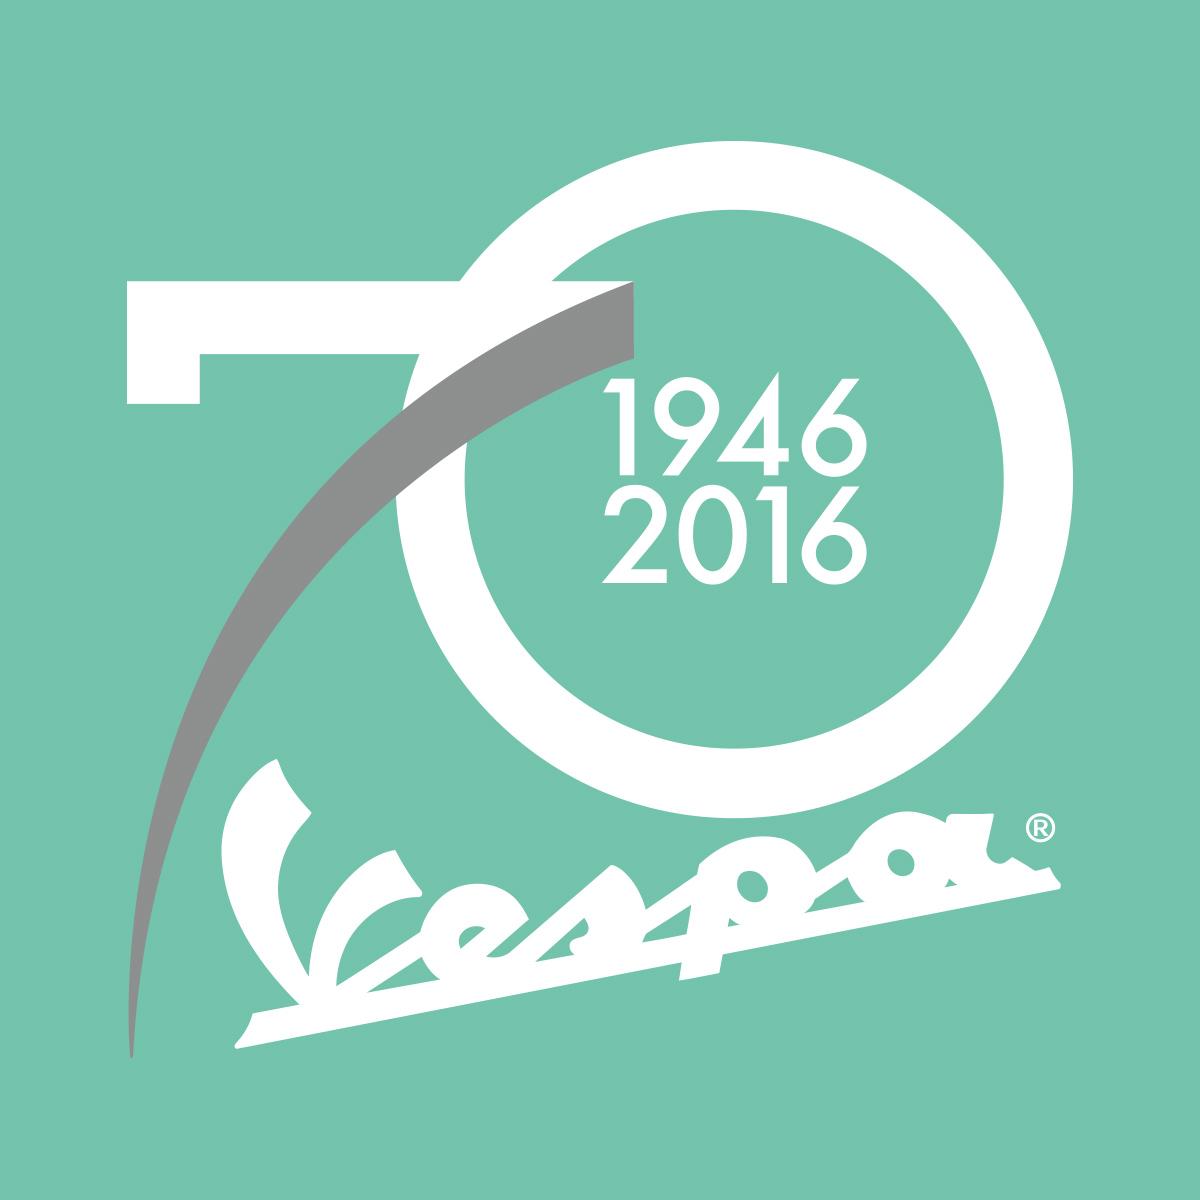 vespa special edition logo